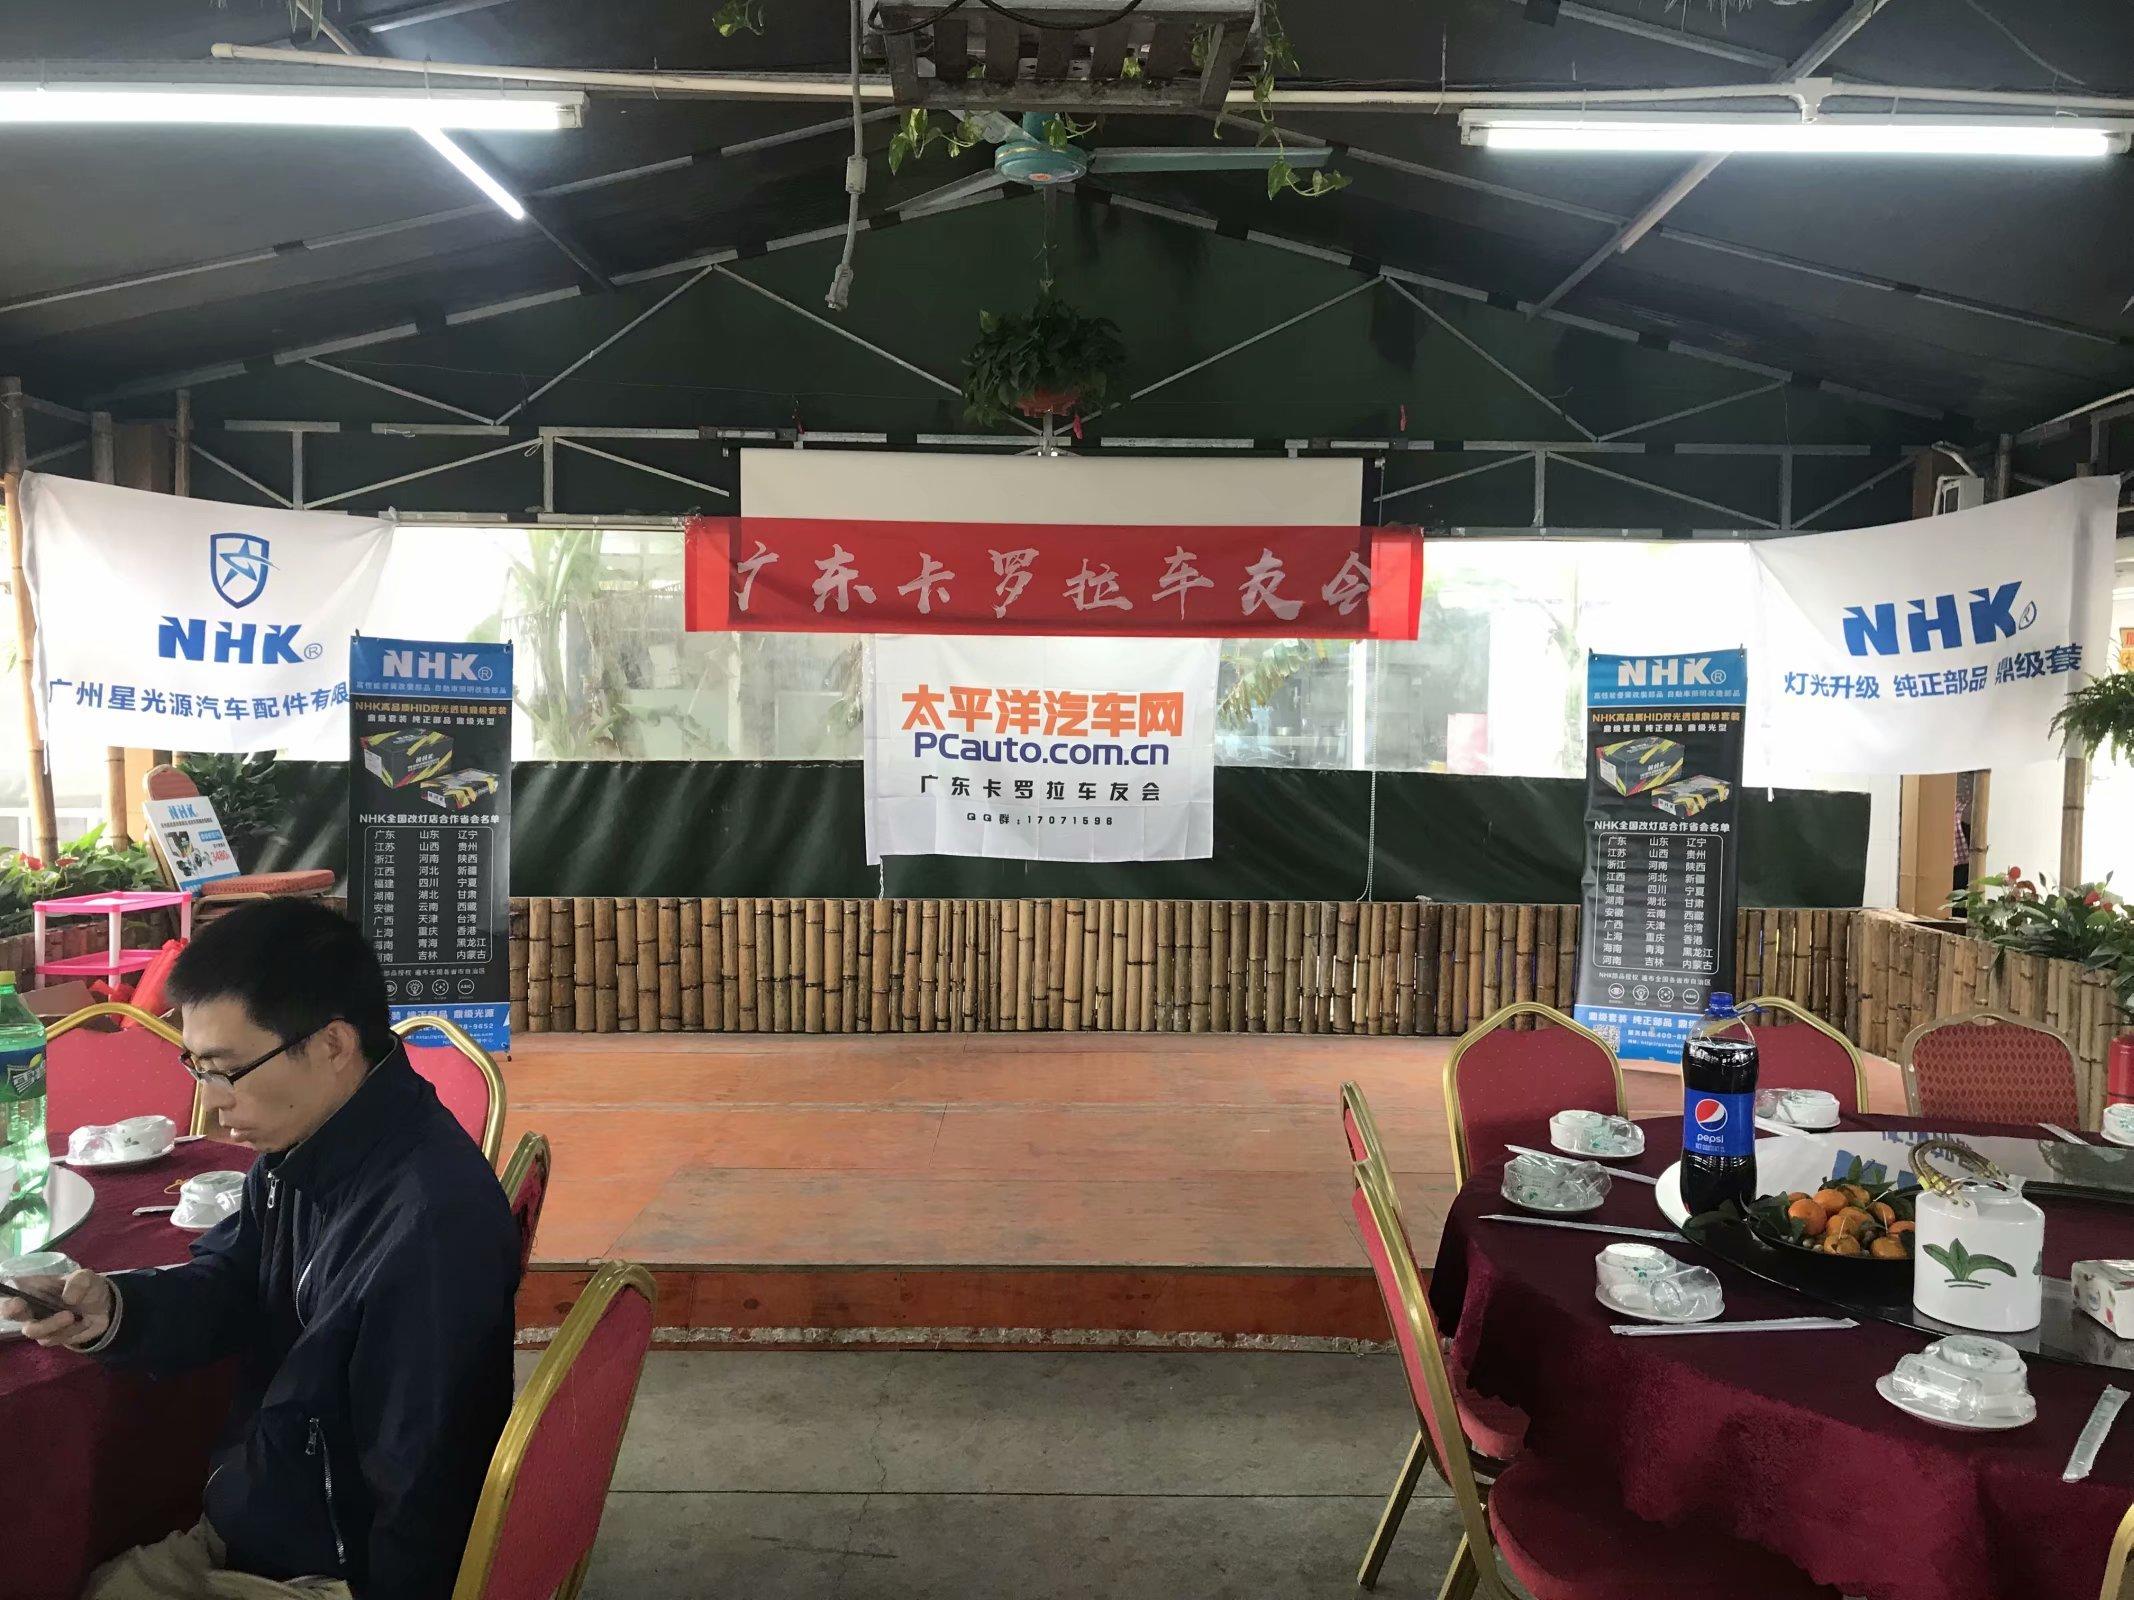 太平洋汽车论坛amp;NHK卡罗拉车友会线下聚会活动_广东快乐十分走